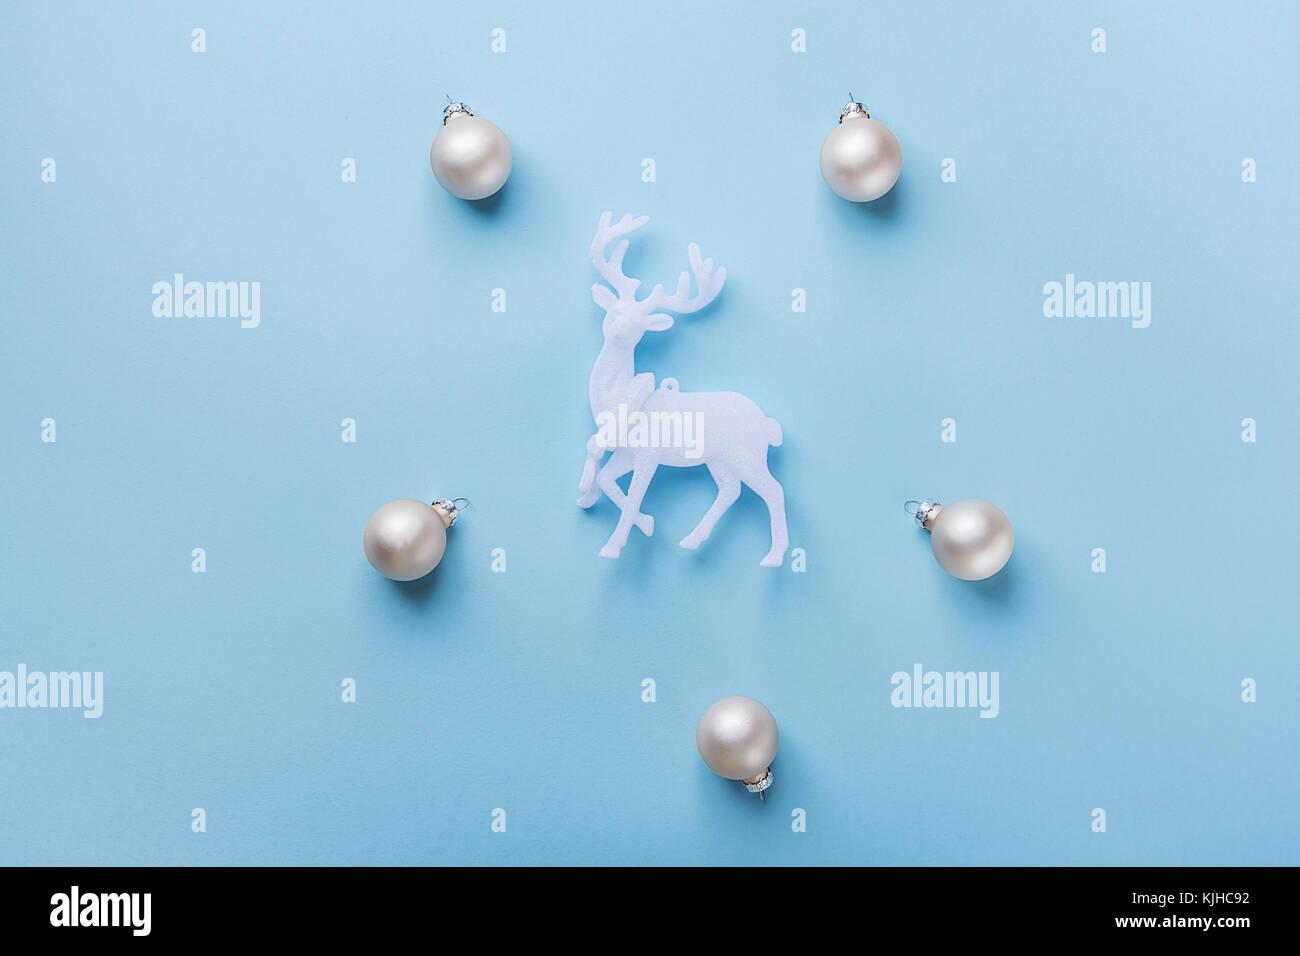 Elegante natale anno nuovo biglietto di auguri poster renne bianco argento sfere pattern su fondo azzurro. copia Immagini Stock